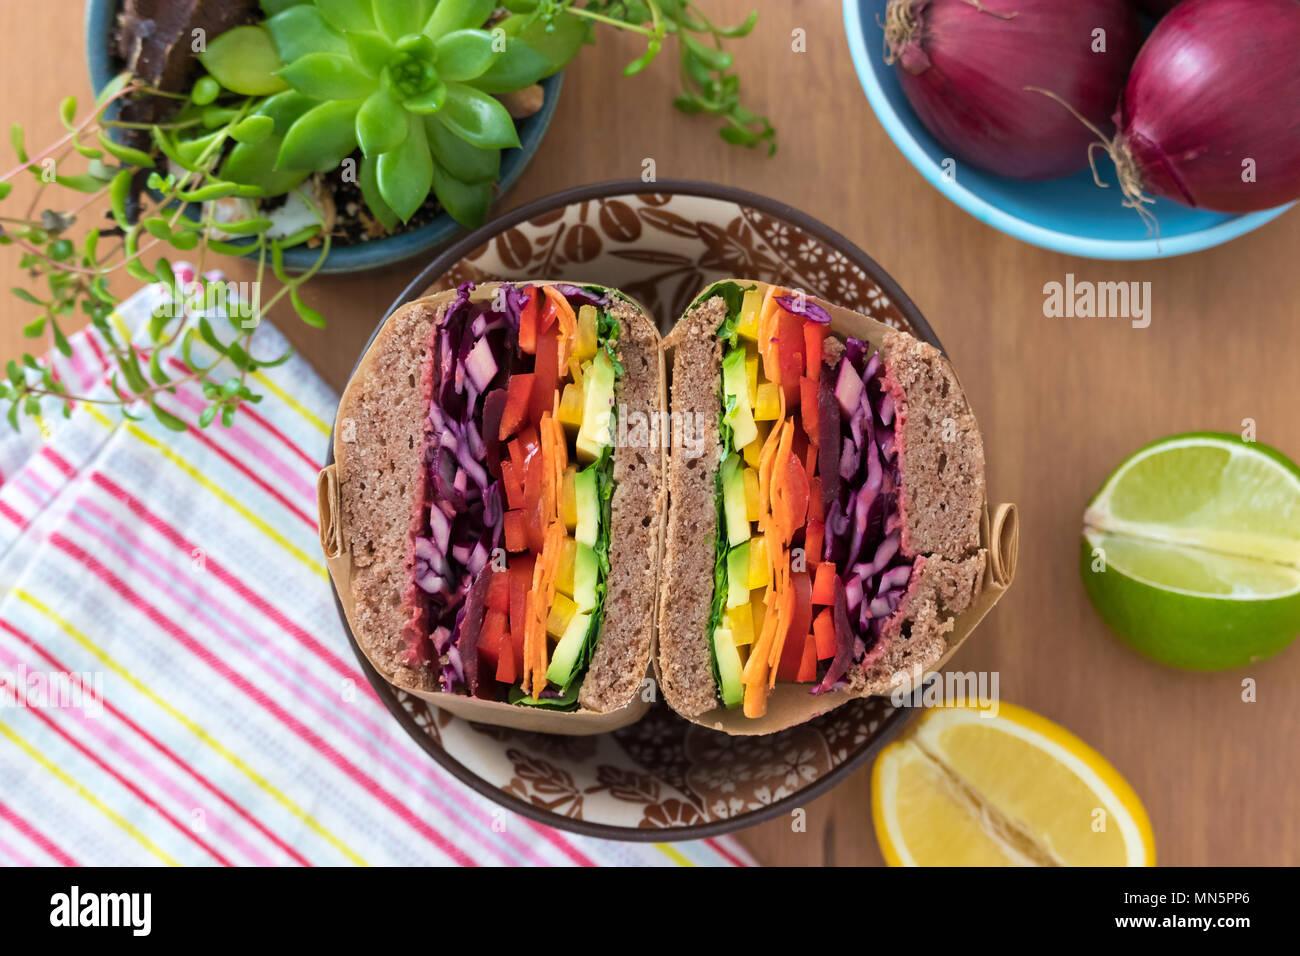 Insalata arcobaleno panini fatti in casa con pane di farina di grano saraceno, visualizzato su una tavola di legno. Questo fresco e salutare il pranzo è a basso contenuto calorico, lattiero-caseari free & senza glutine. Immagini Stock